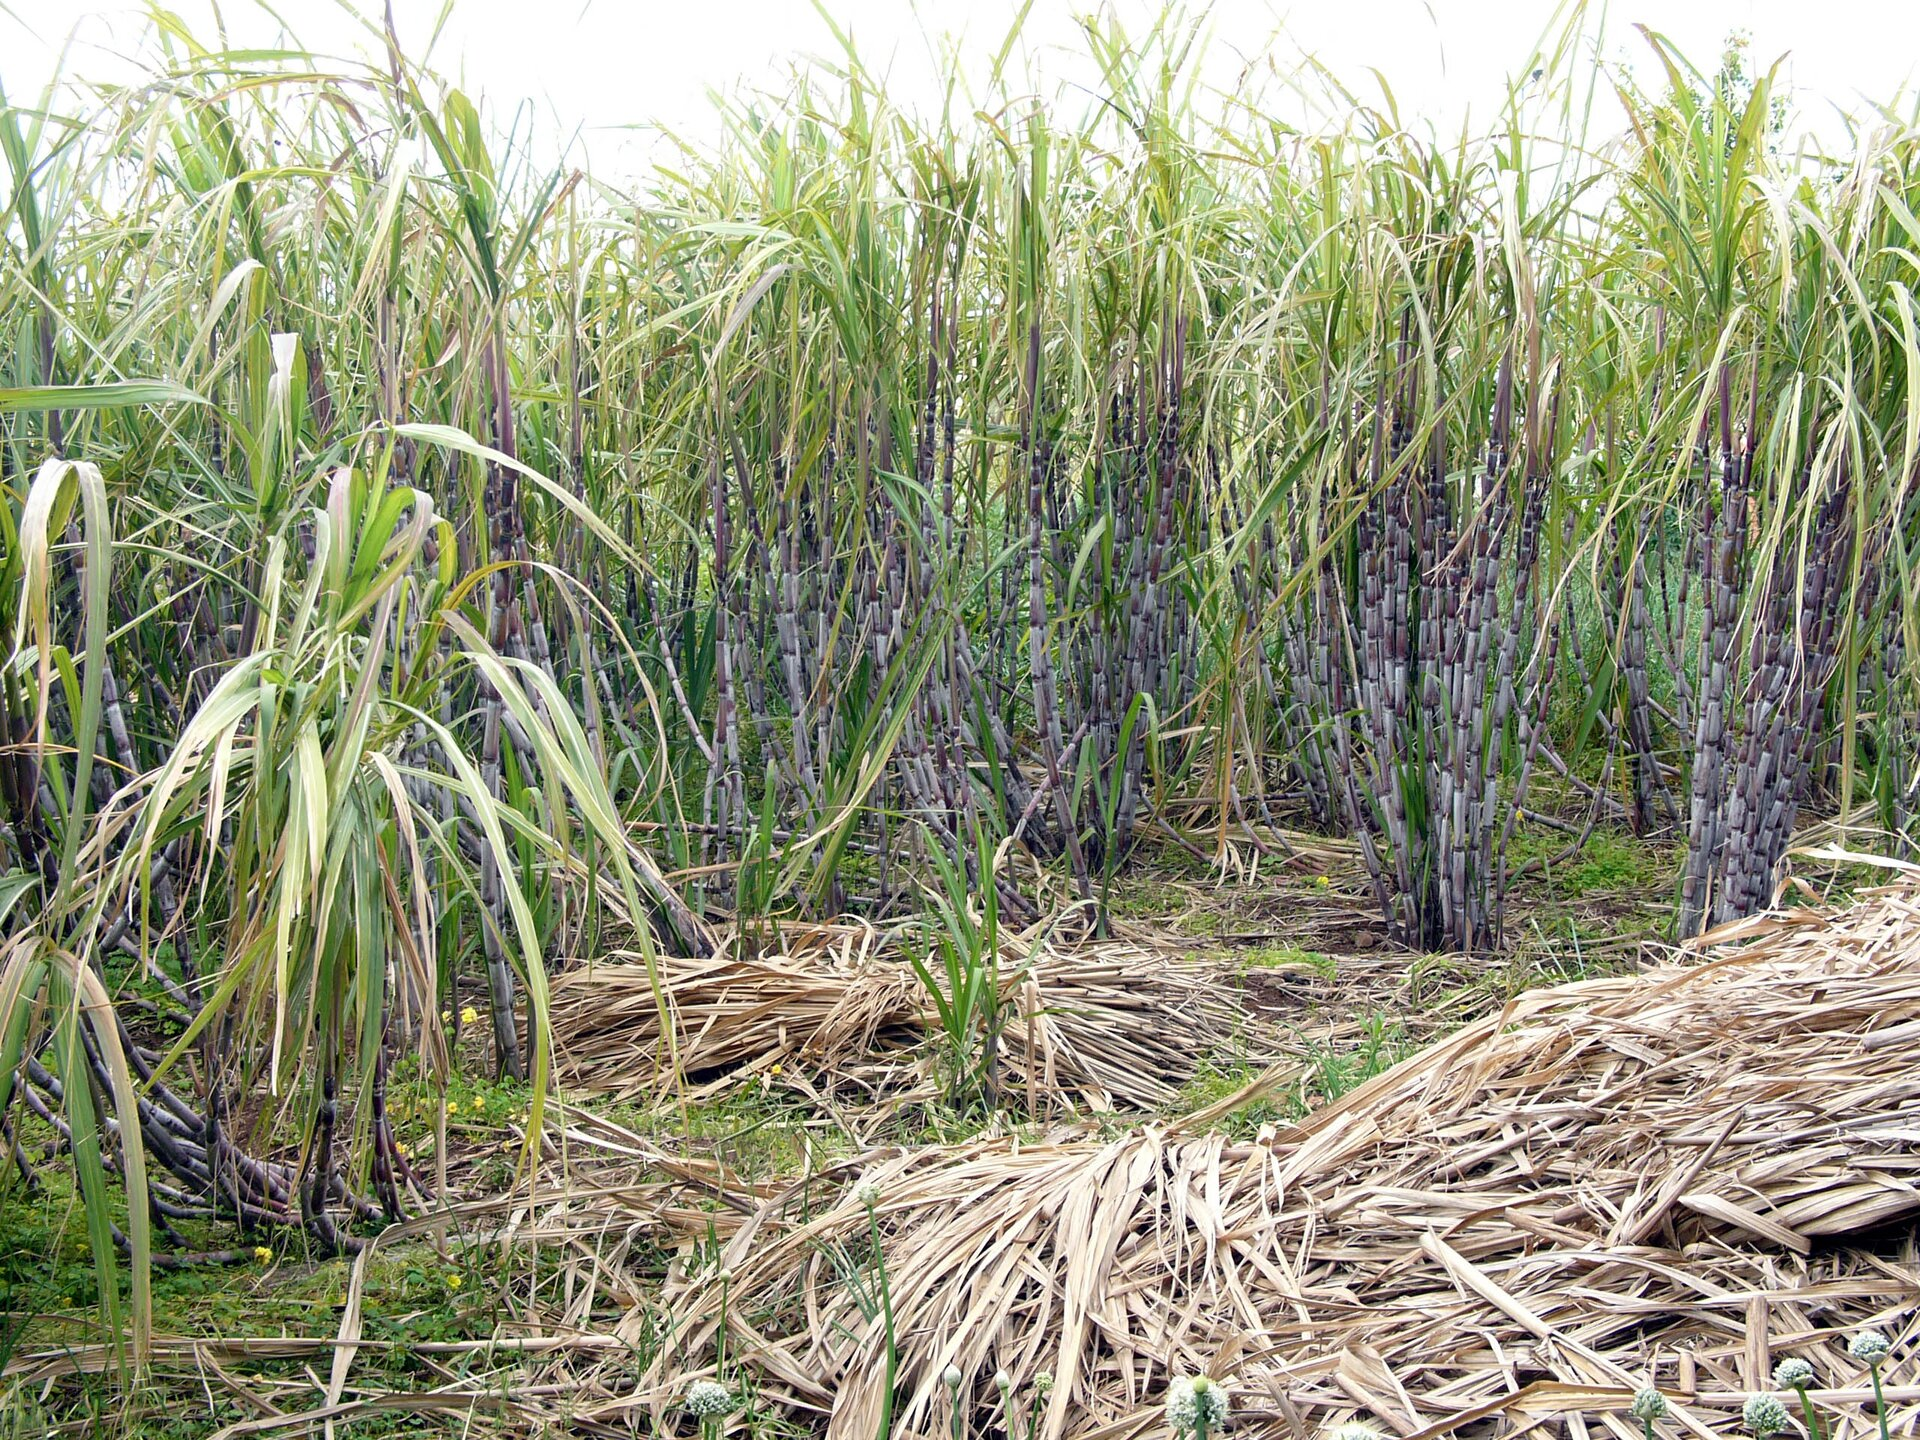 Na zdjęciu plantacja trzciny cukrowej, długie wąskie liście, udołu naga łodyga.